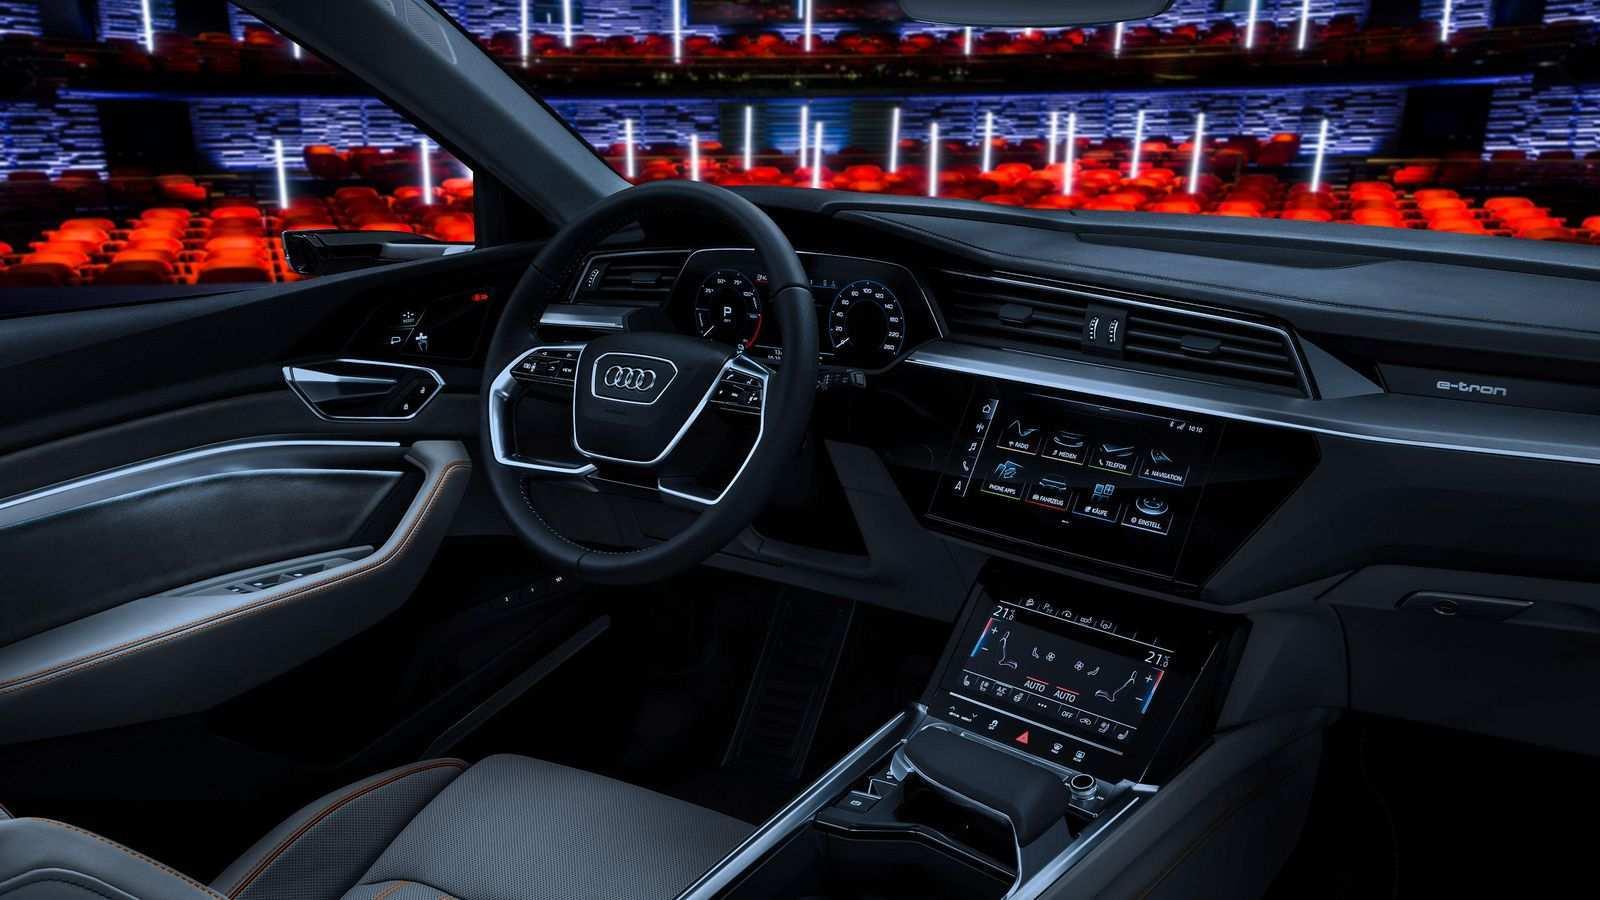 91 New 2020 Audi Q3 Interior Performance for 2020 Audi Q3 Interior